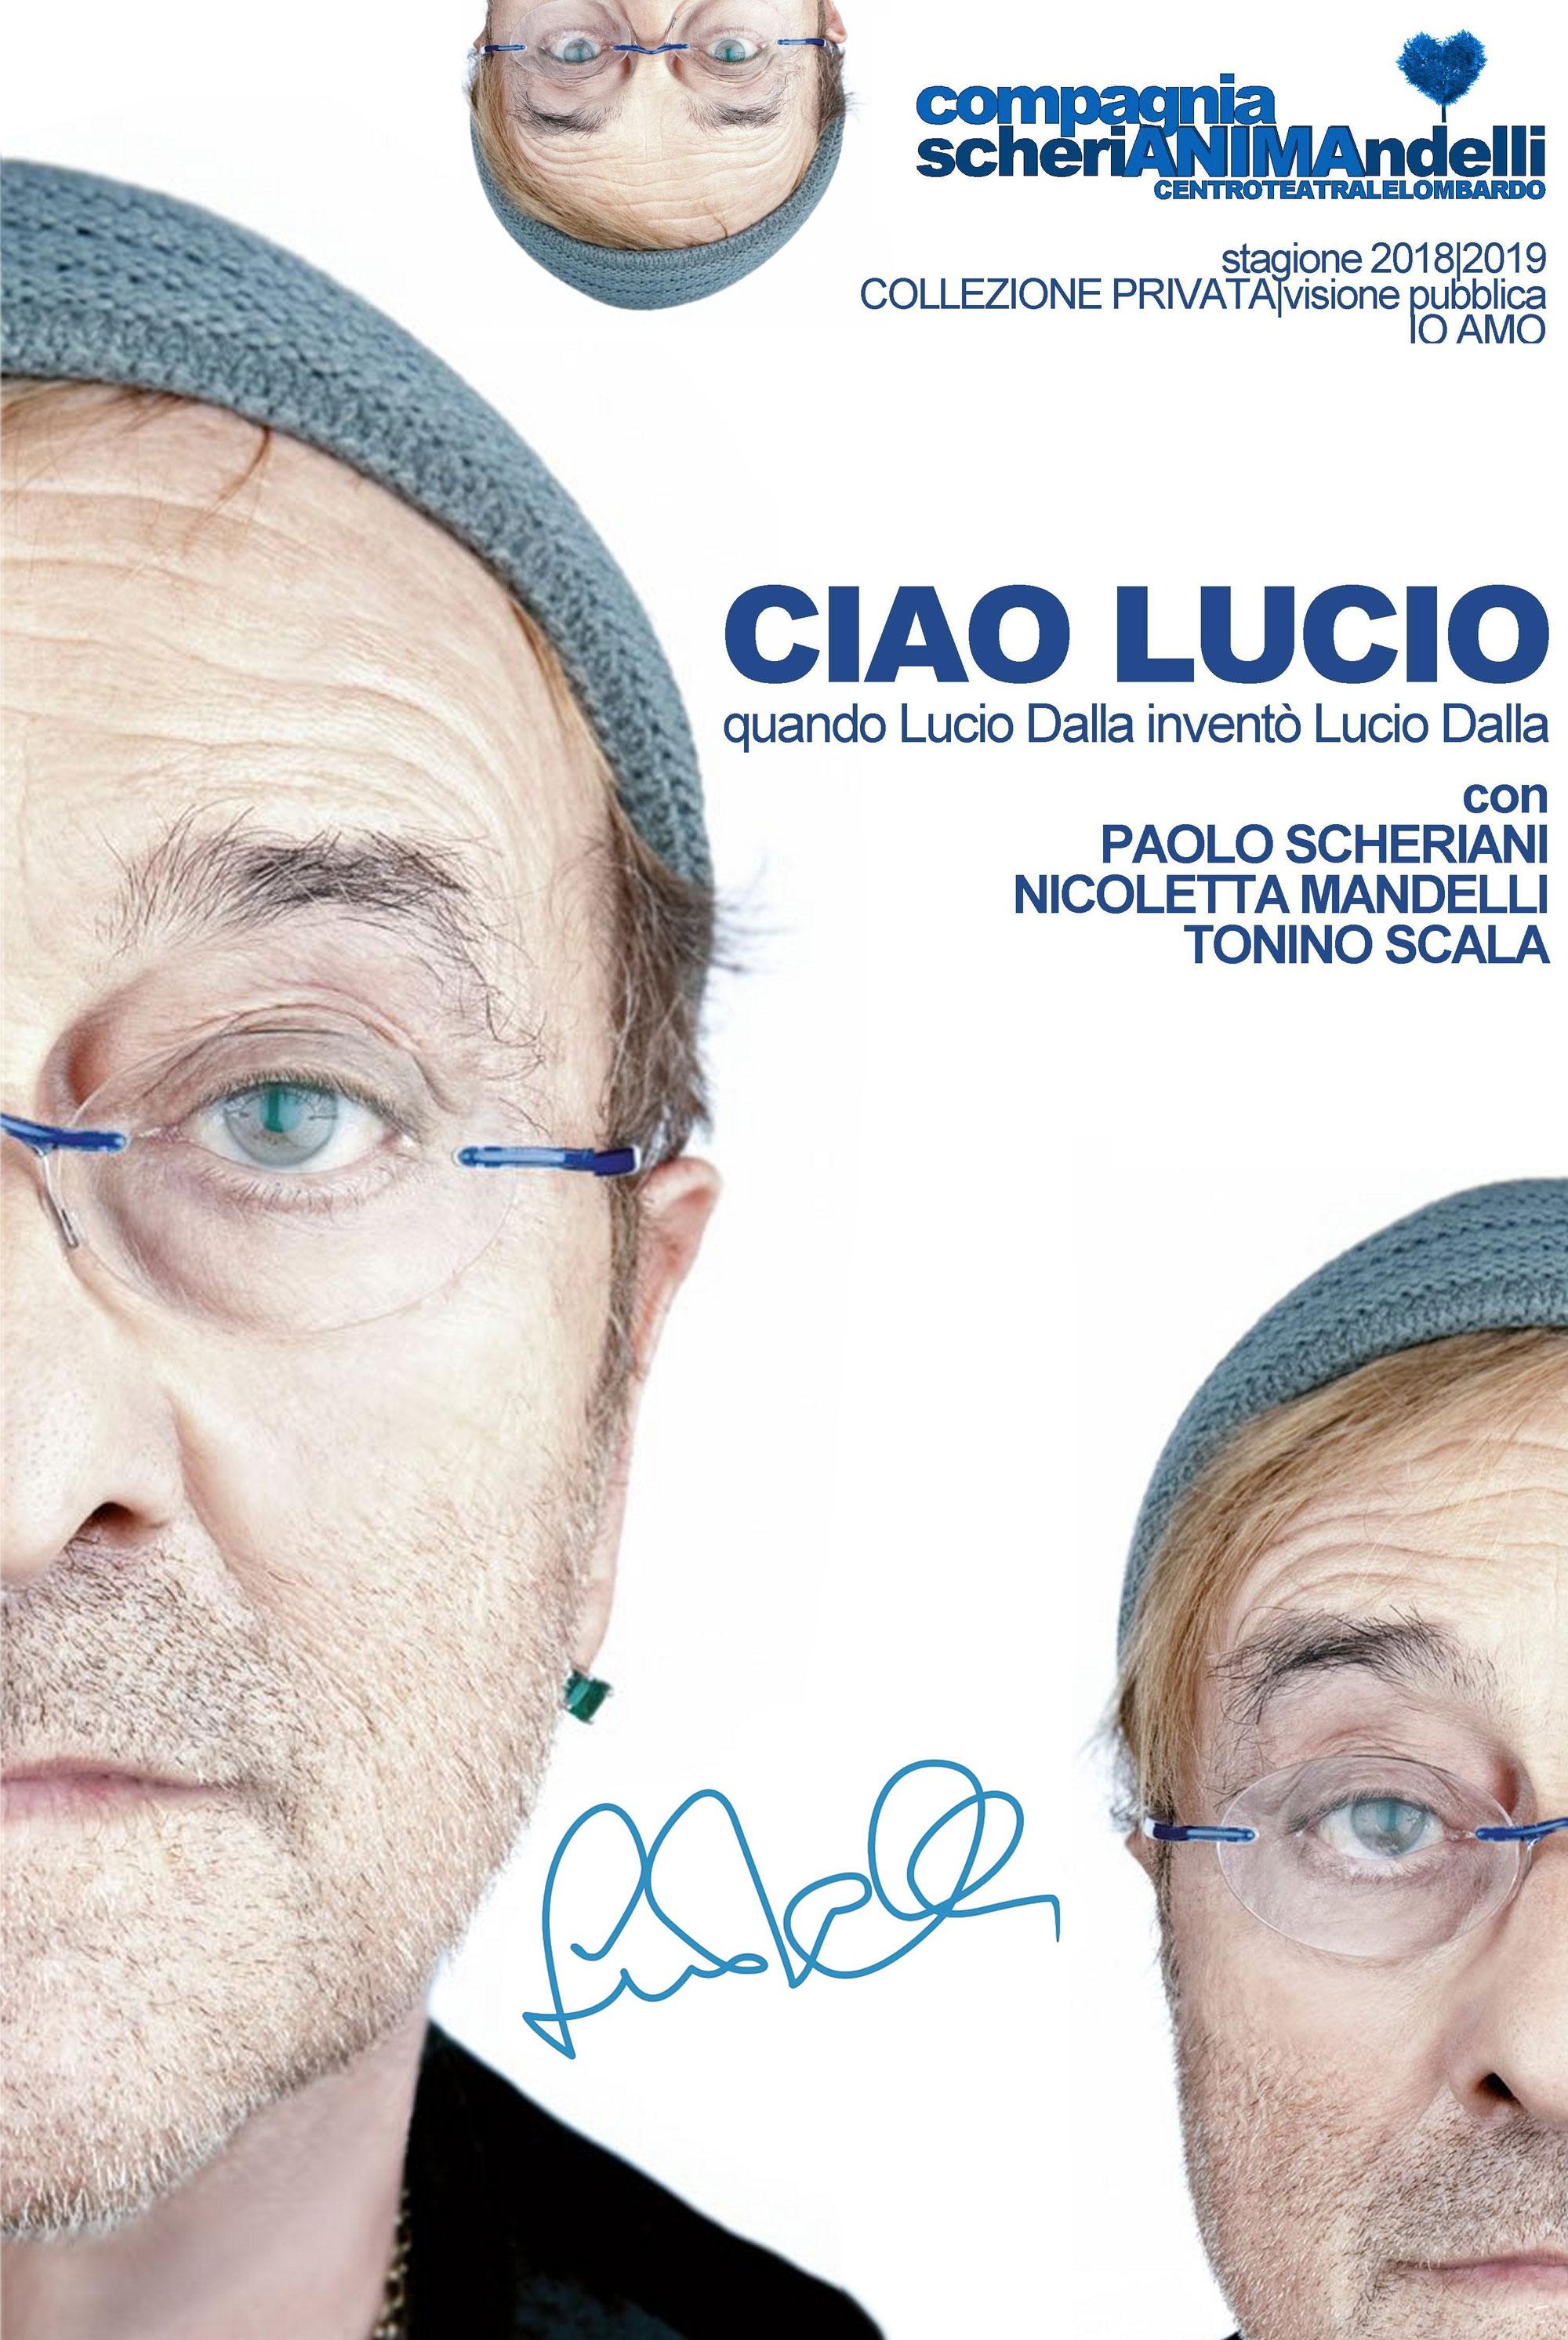 """""""Ciao Lucio"""" quando Lucio Dalla inventò Lucio Dalla"""